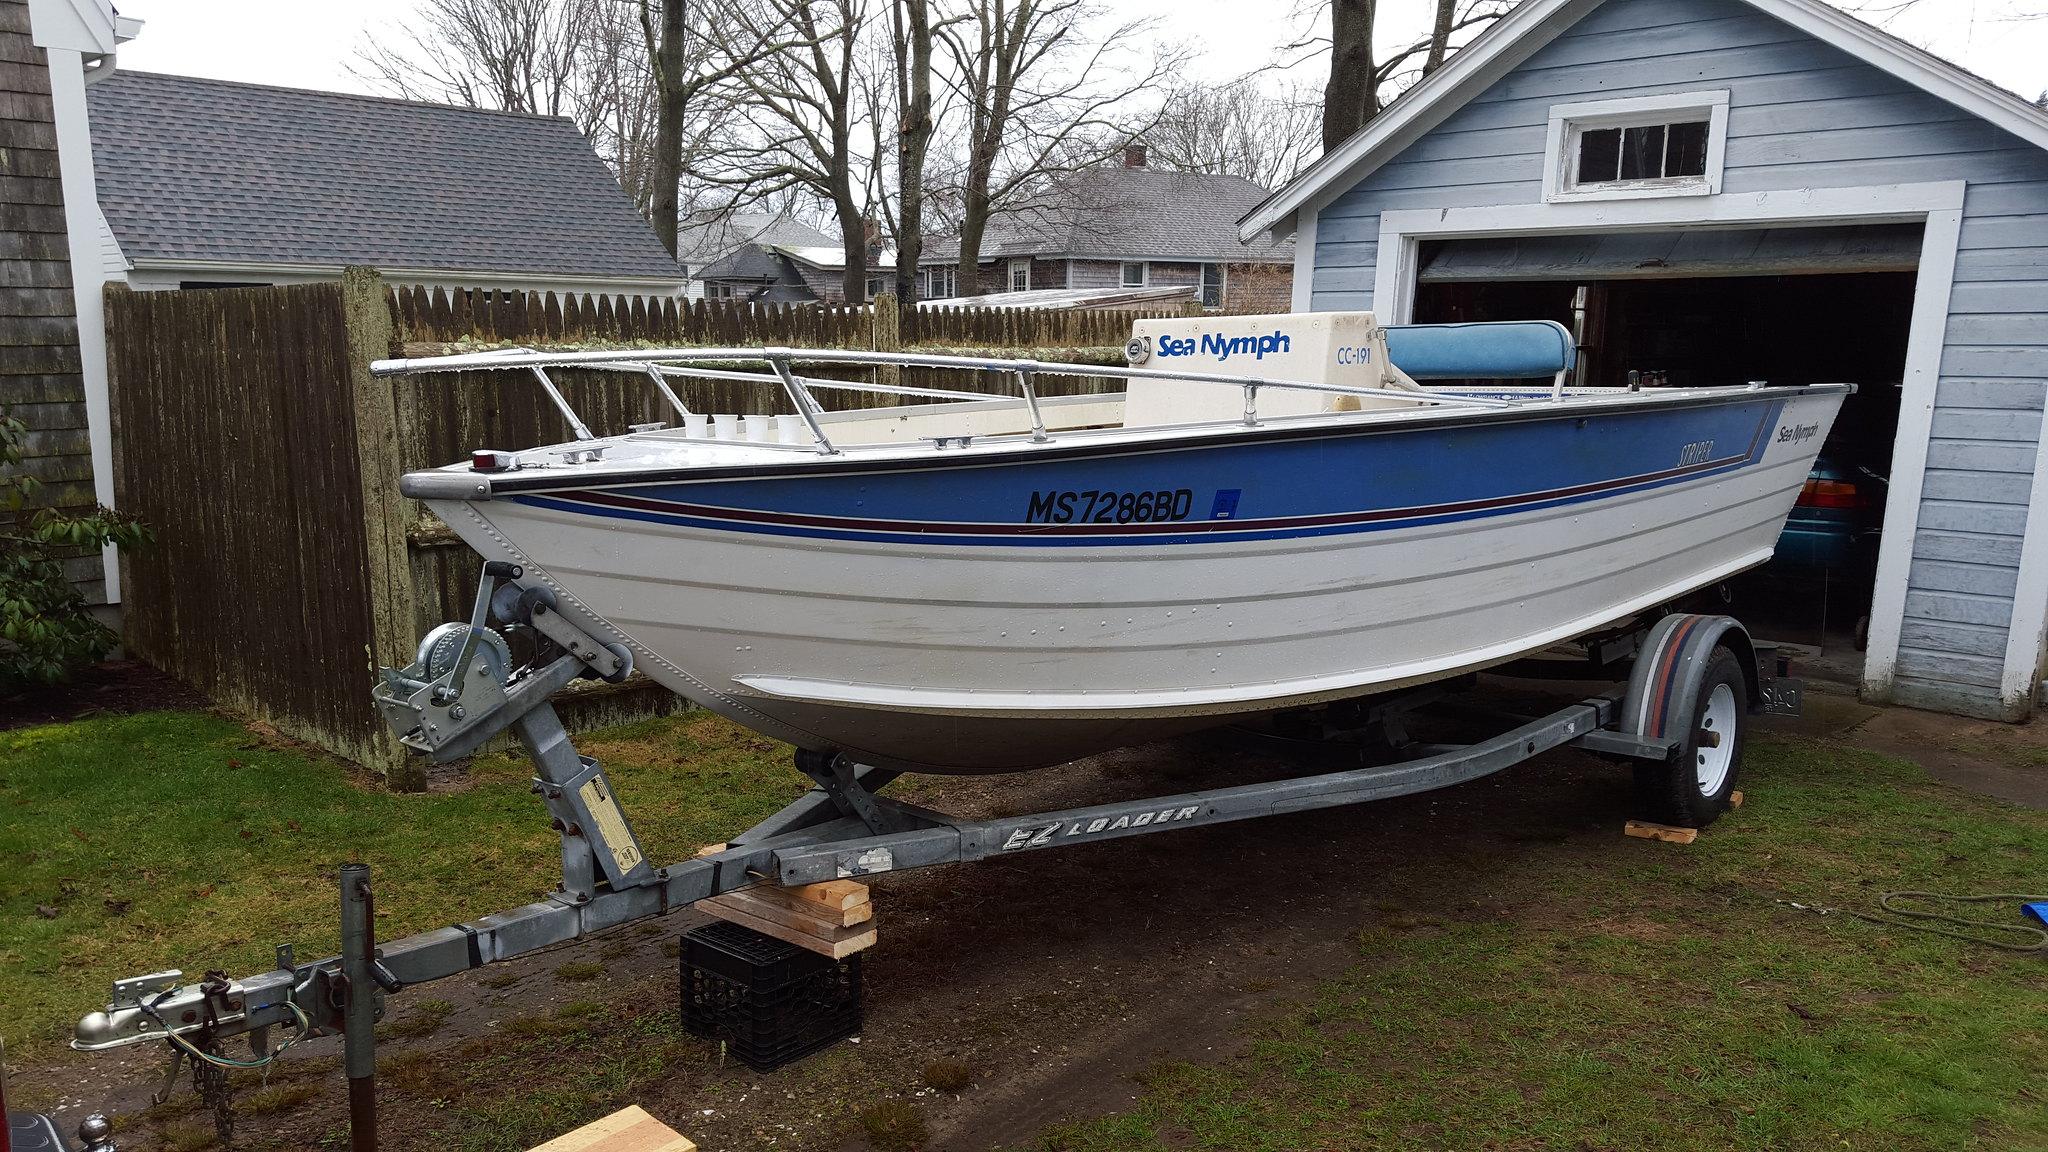 1985 sea nymph cc 191 striper rebuild restore page 1 iboats rh forums iboats com 14 FT Sea Nymph Sea Nymph History